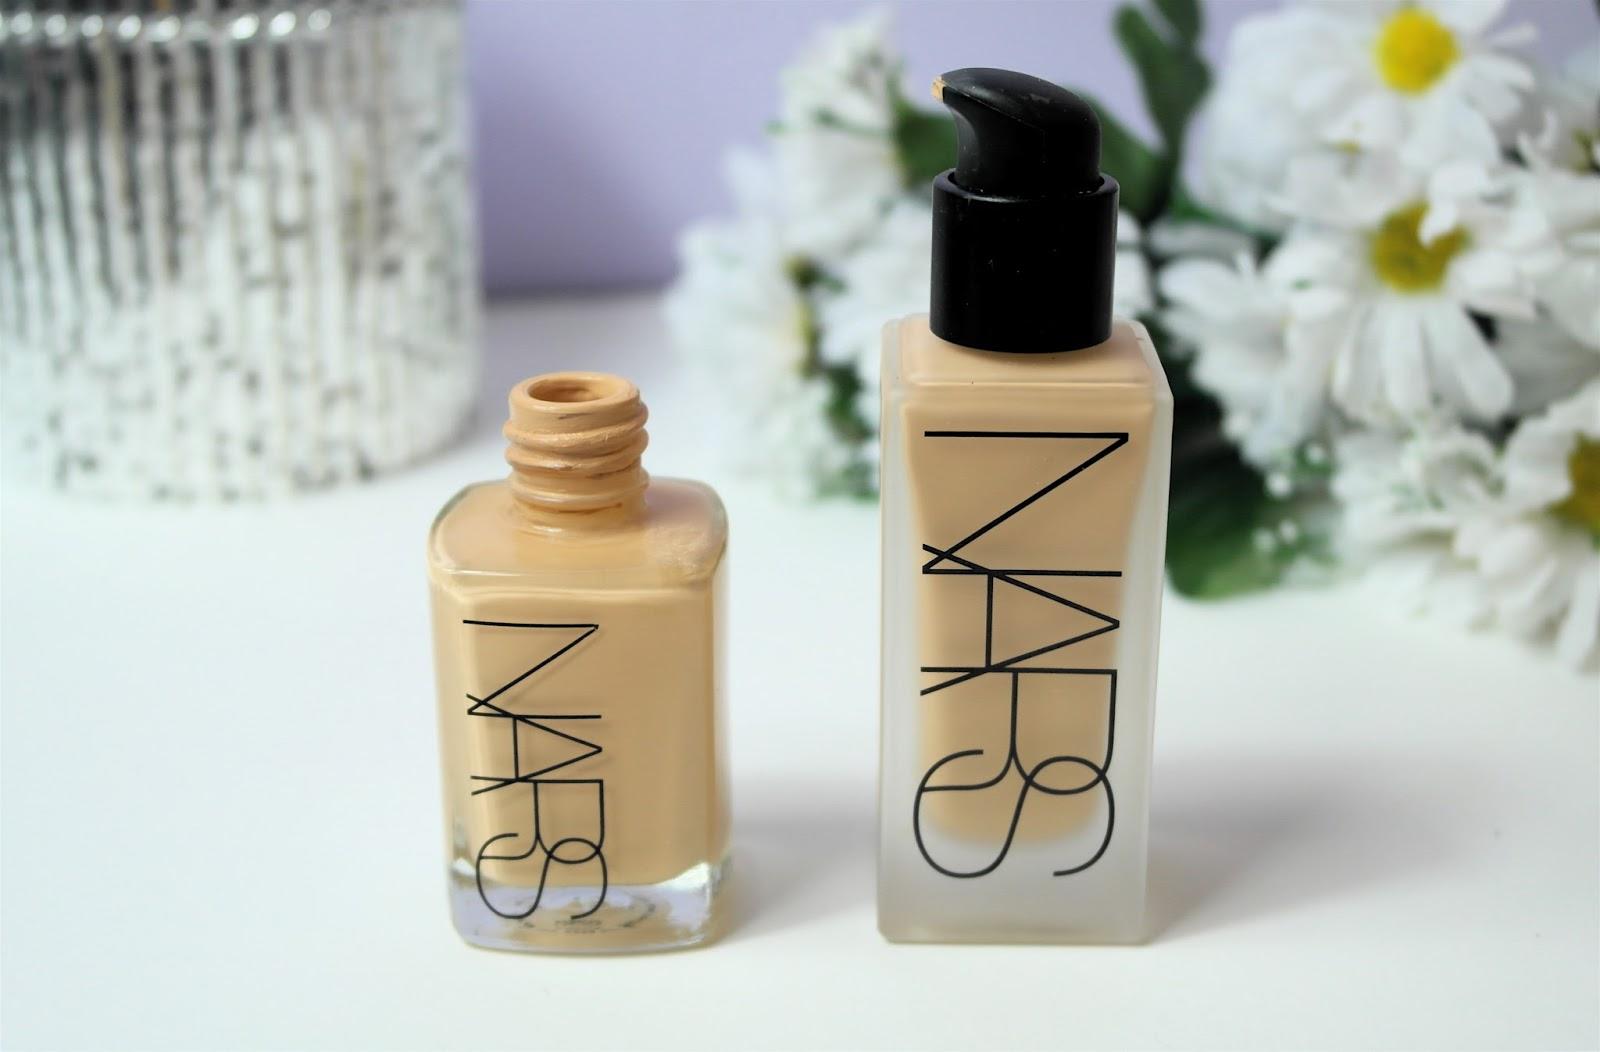 Die Foundation Sheer Glow von NARS. Ist das das beste Kosmetikprodukt, das ich je hatte?